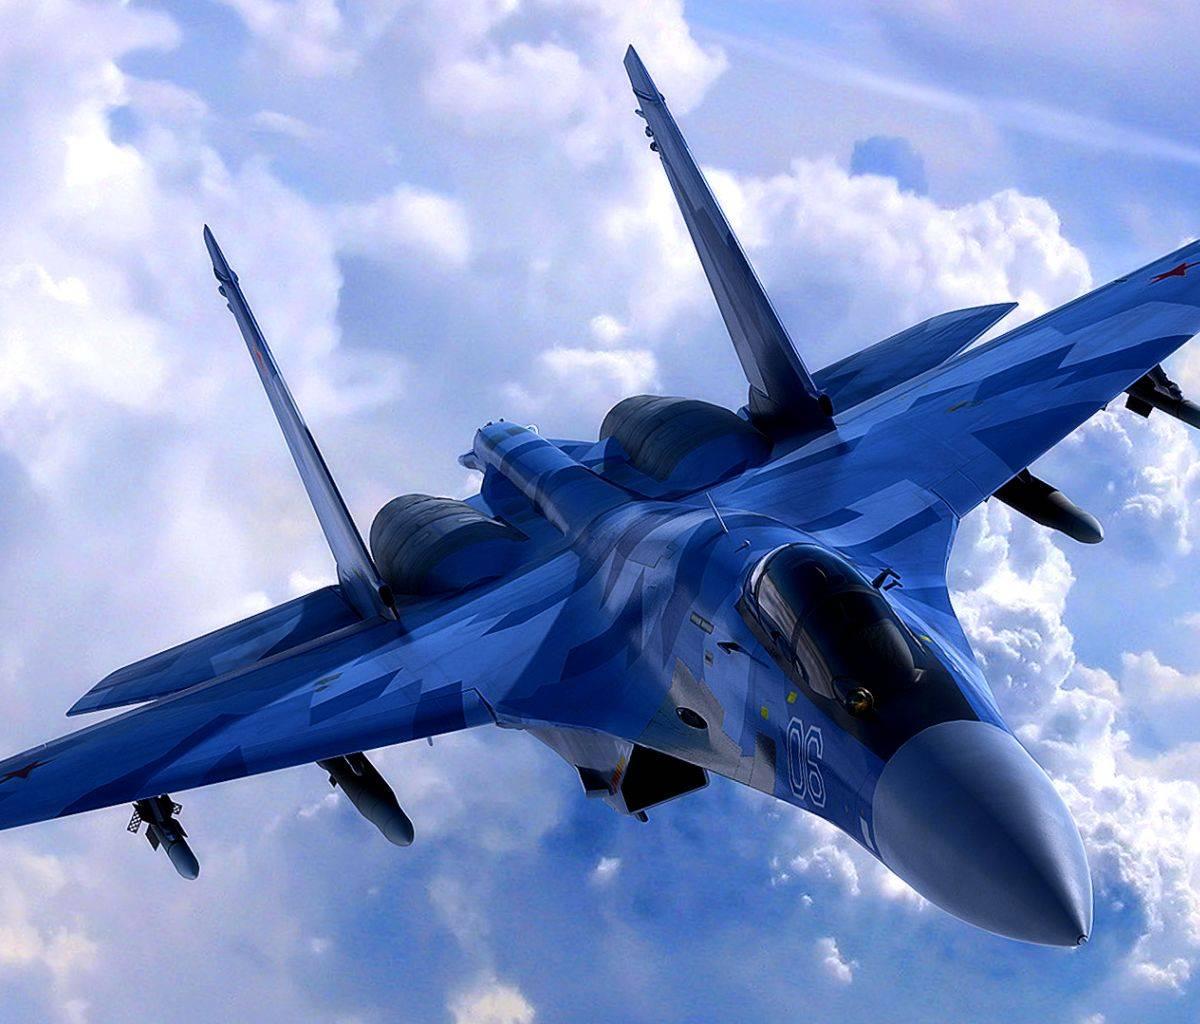 Su-35bm